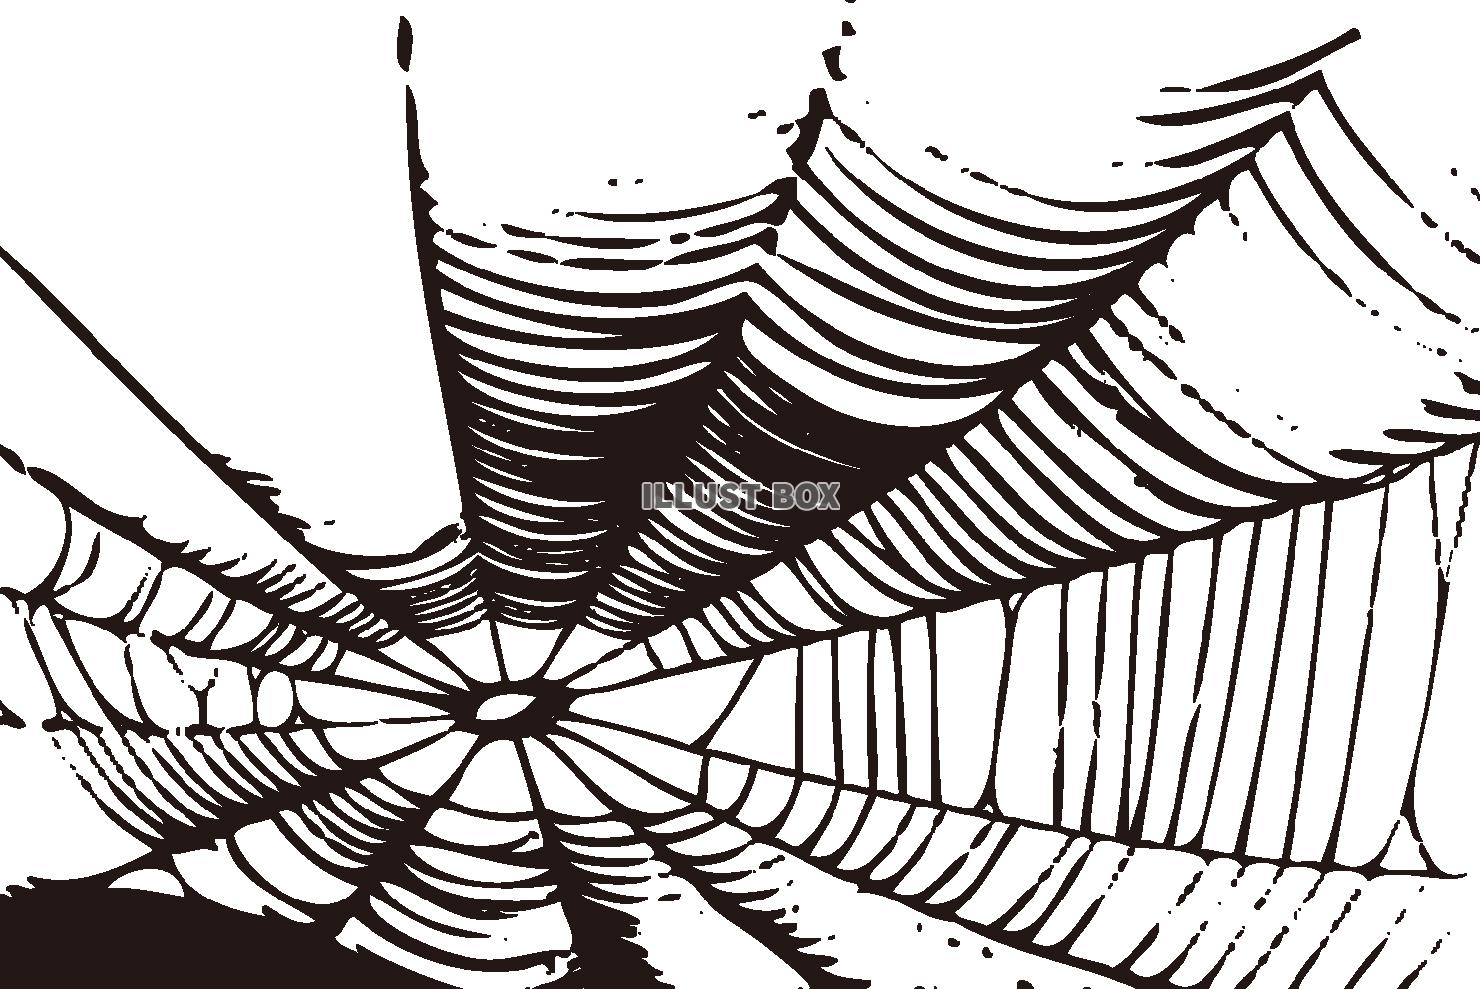 無料イラスト 【ハロウィン素材】クモ 蜘蛛の巣